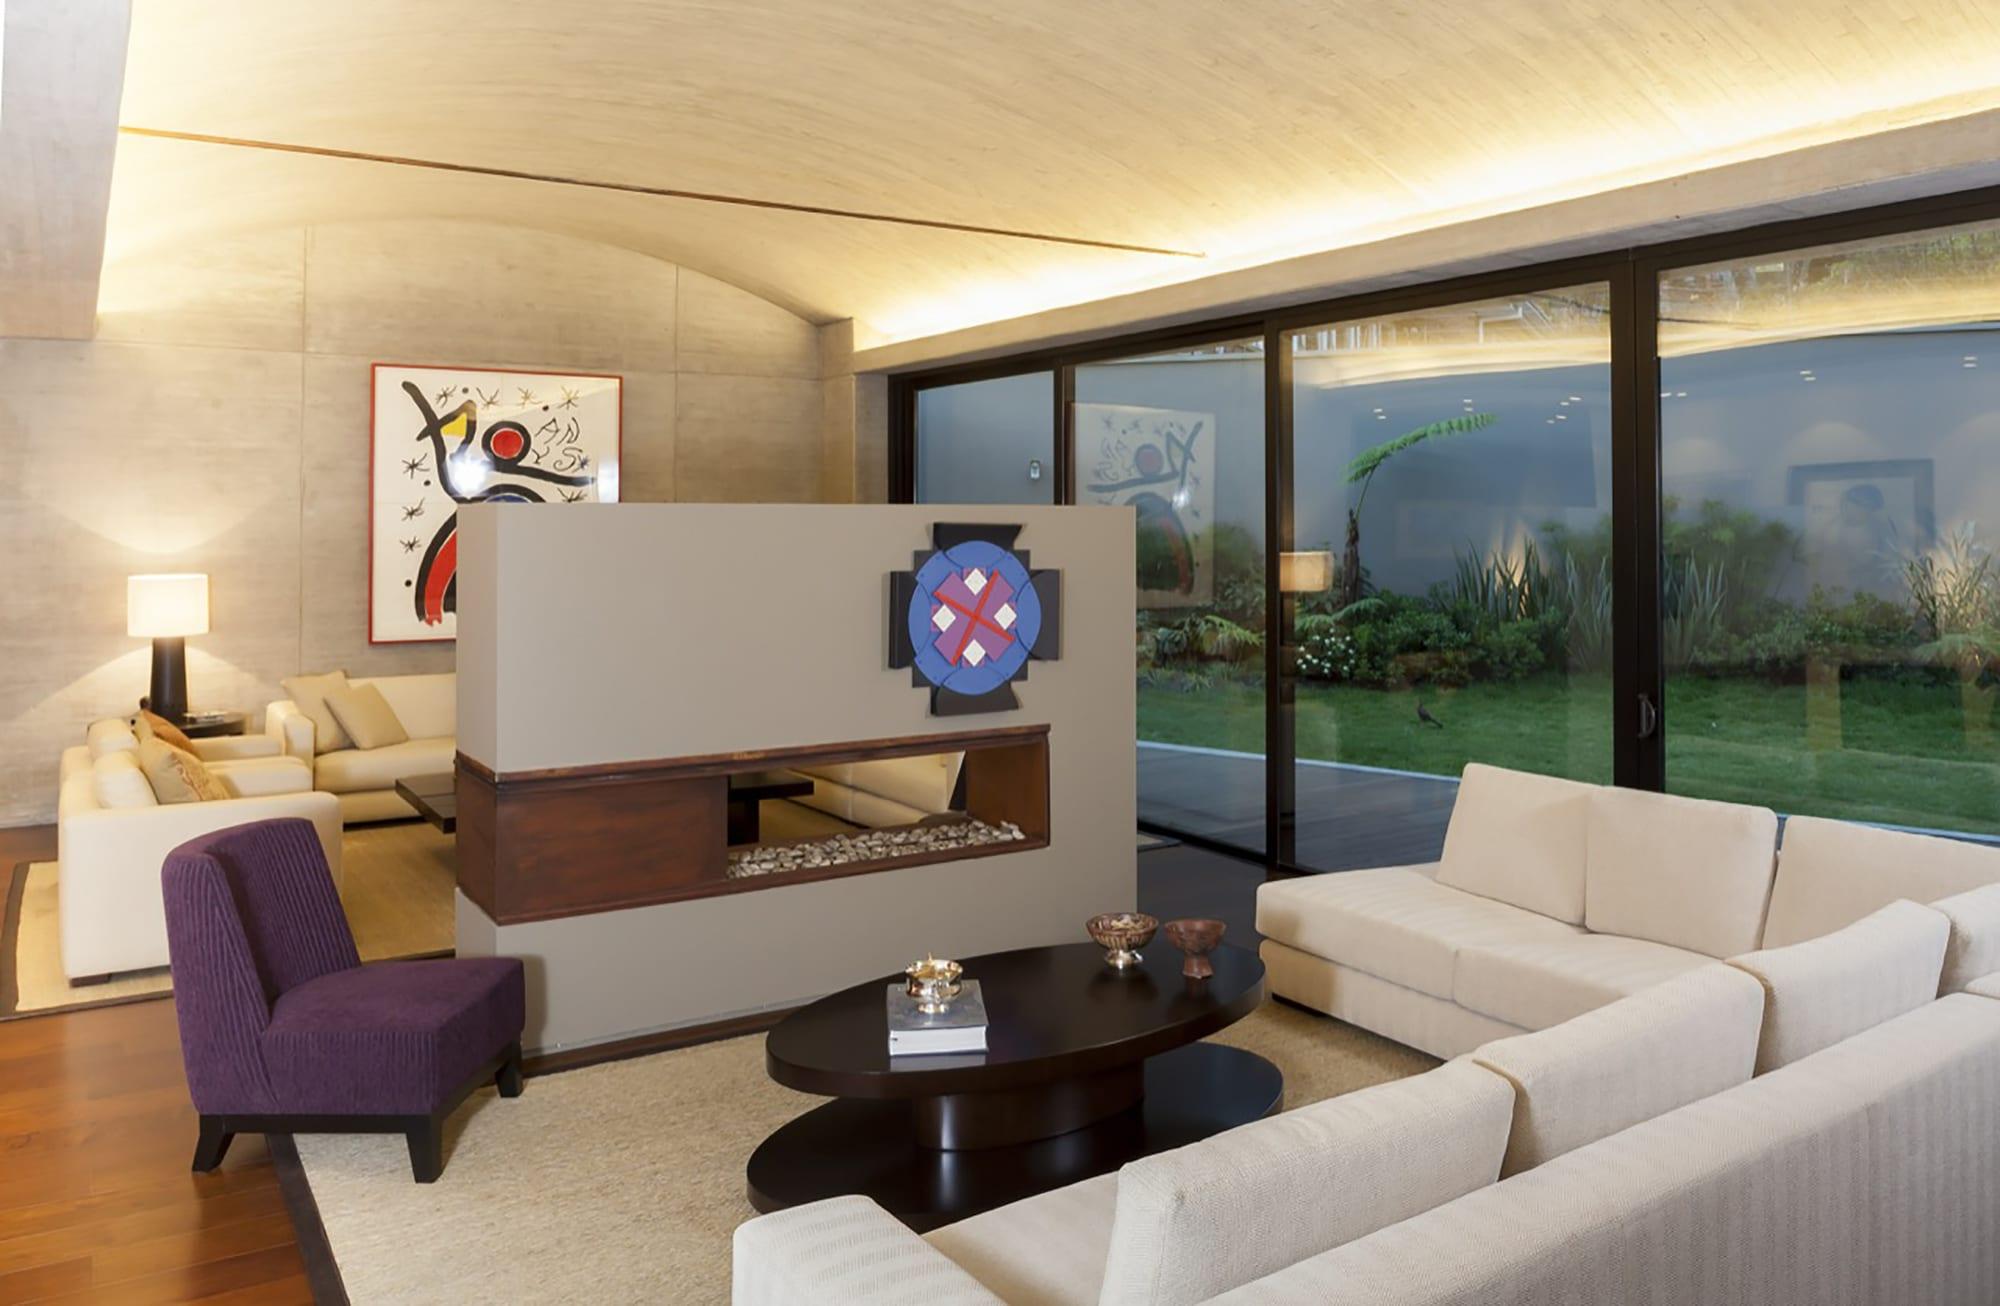 Moderno dise o casa de un piso con planos Interiores de casas modernas 2015